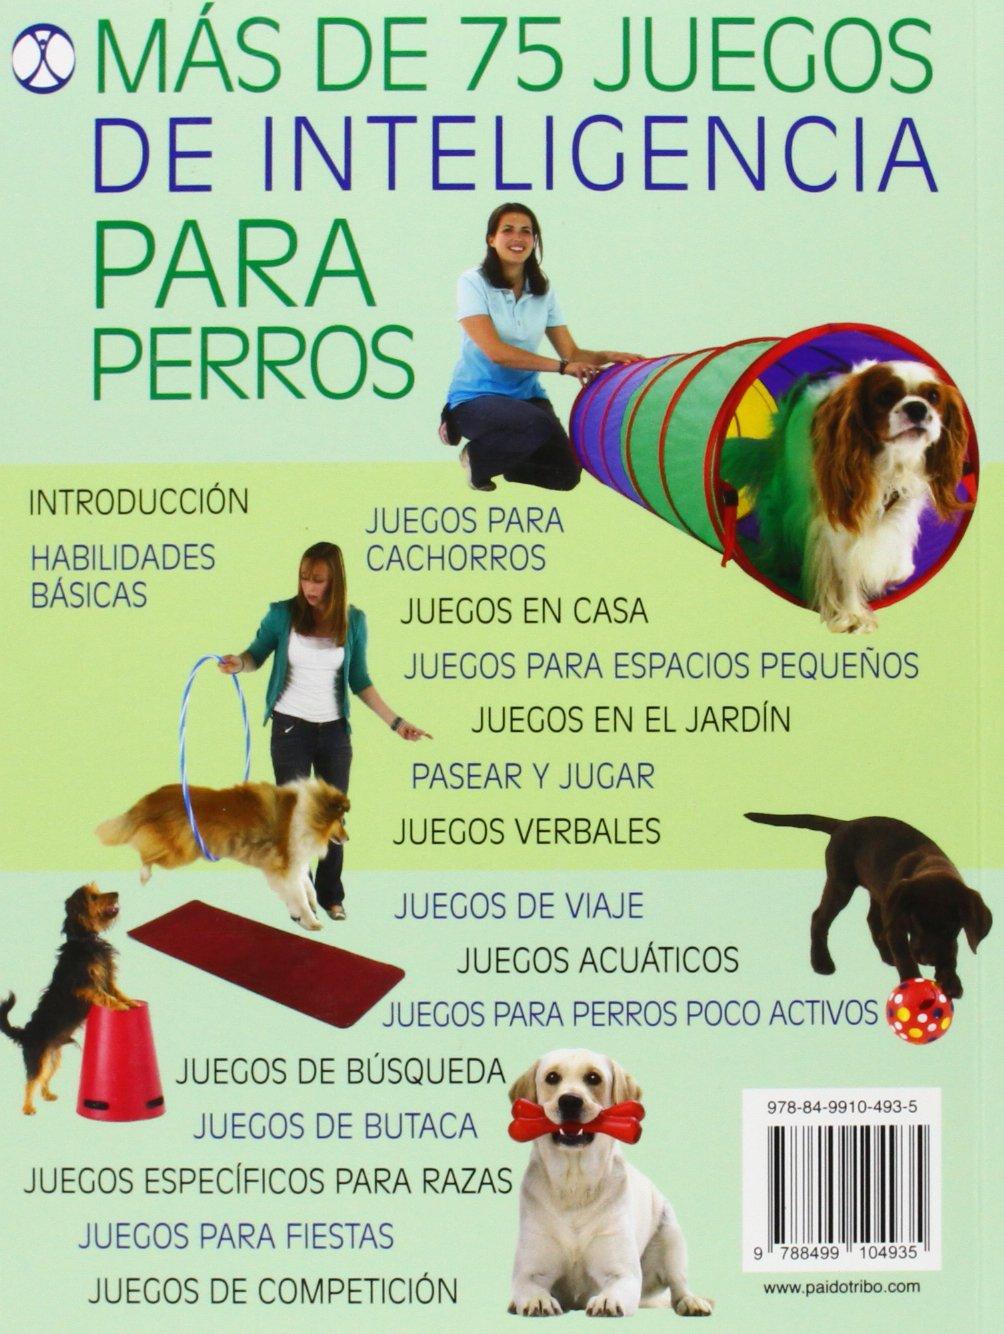 Juegos De Inteligencia Para Perros Color Animales De Compañía Amazon Es Arrowsmith Claire Libros